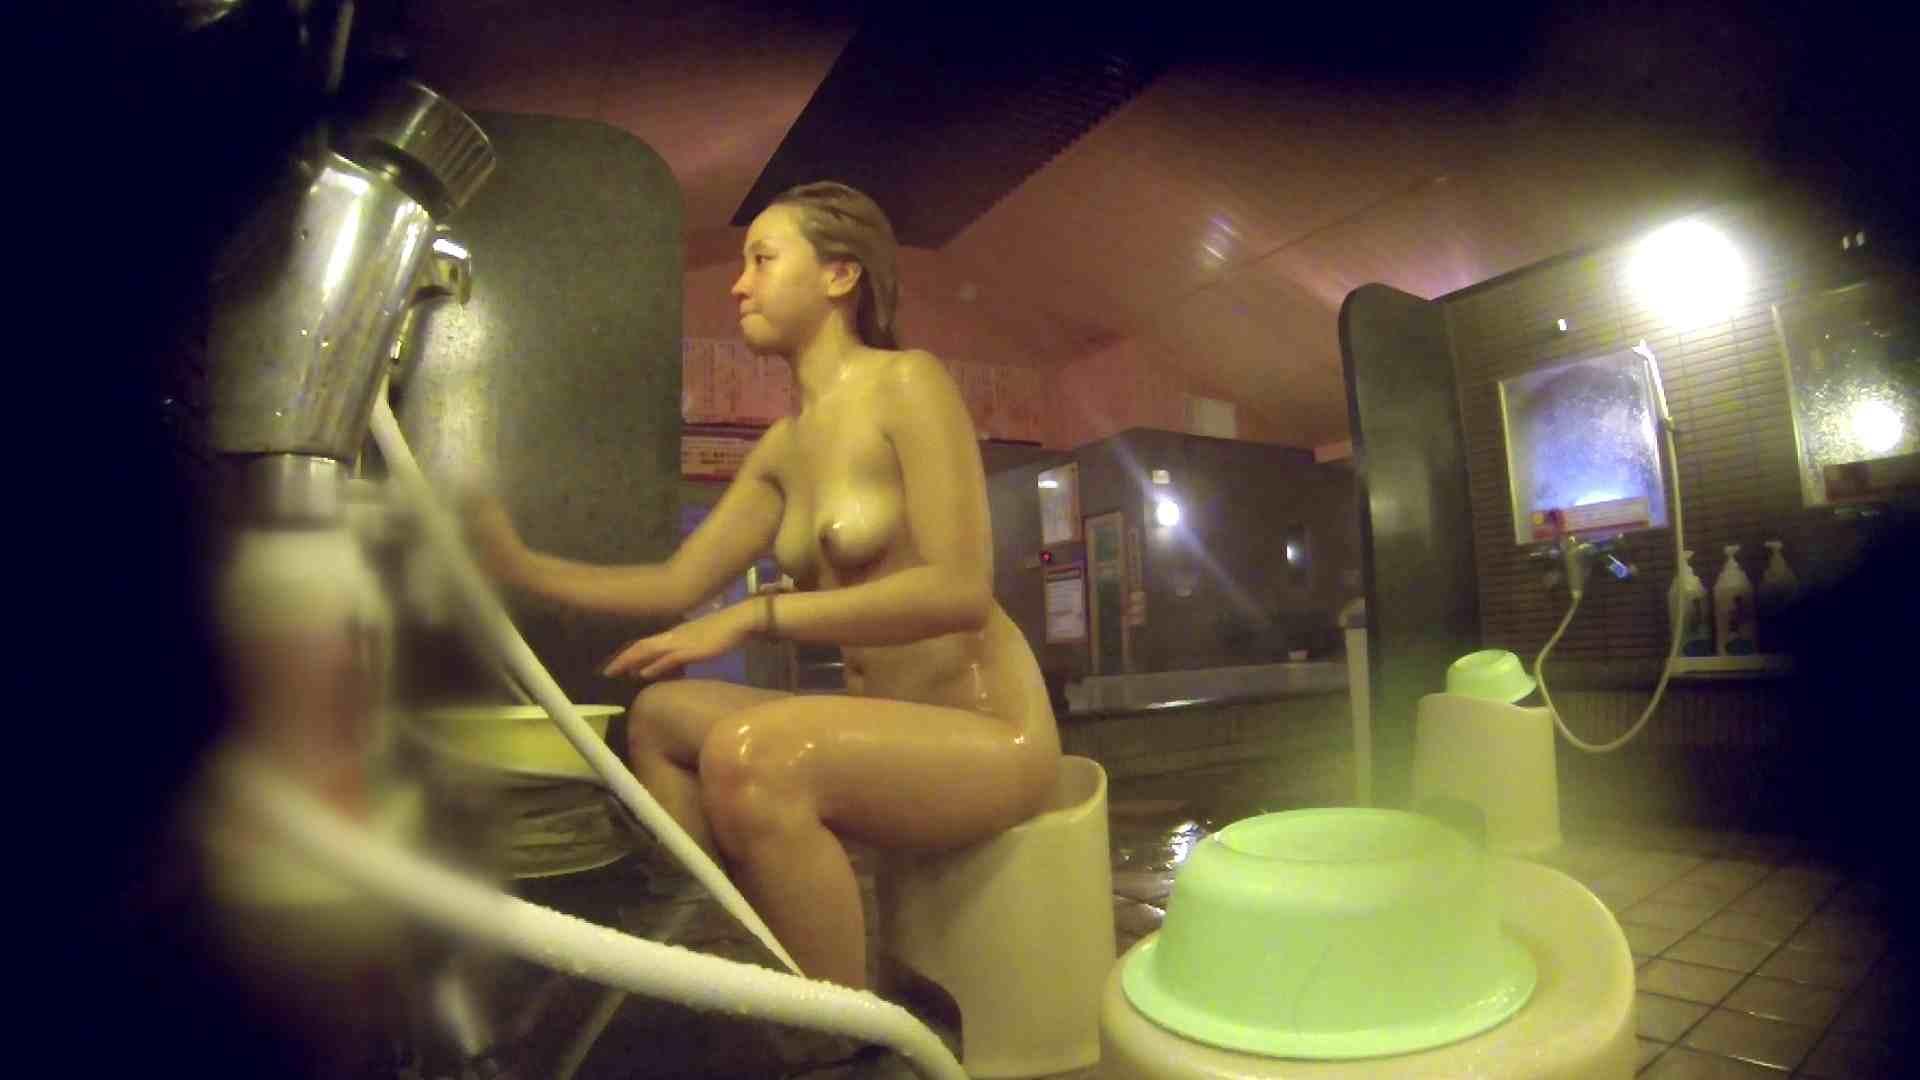 洗い場!意外に今までいなかった金髪ギャル 銭湯着替え AV無料 57画像 53